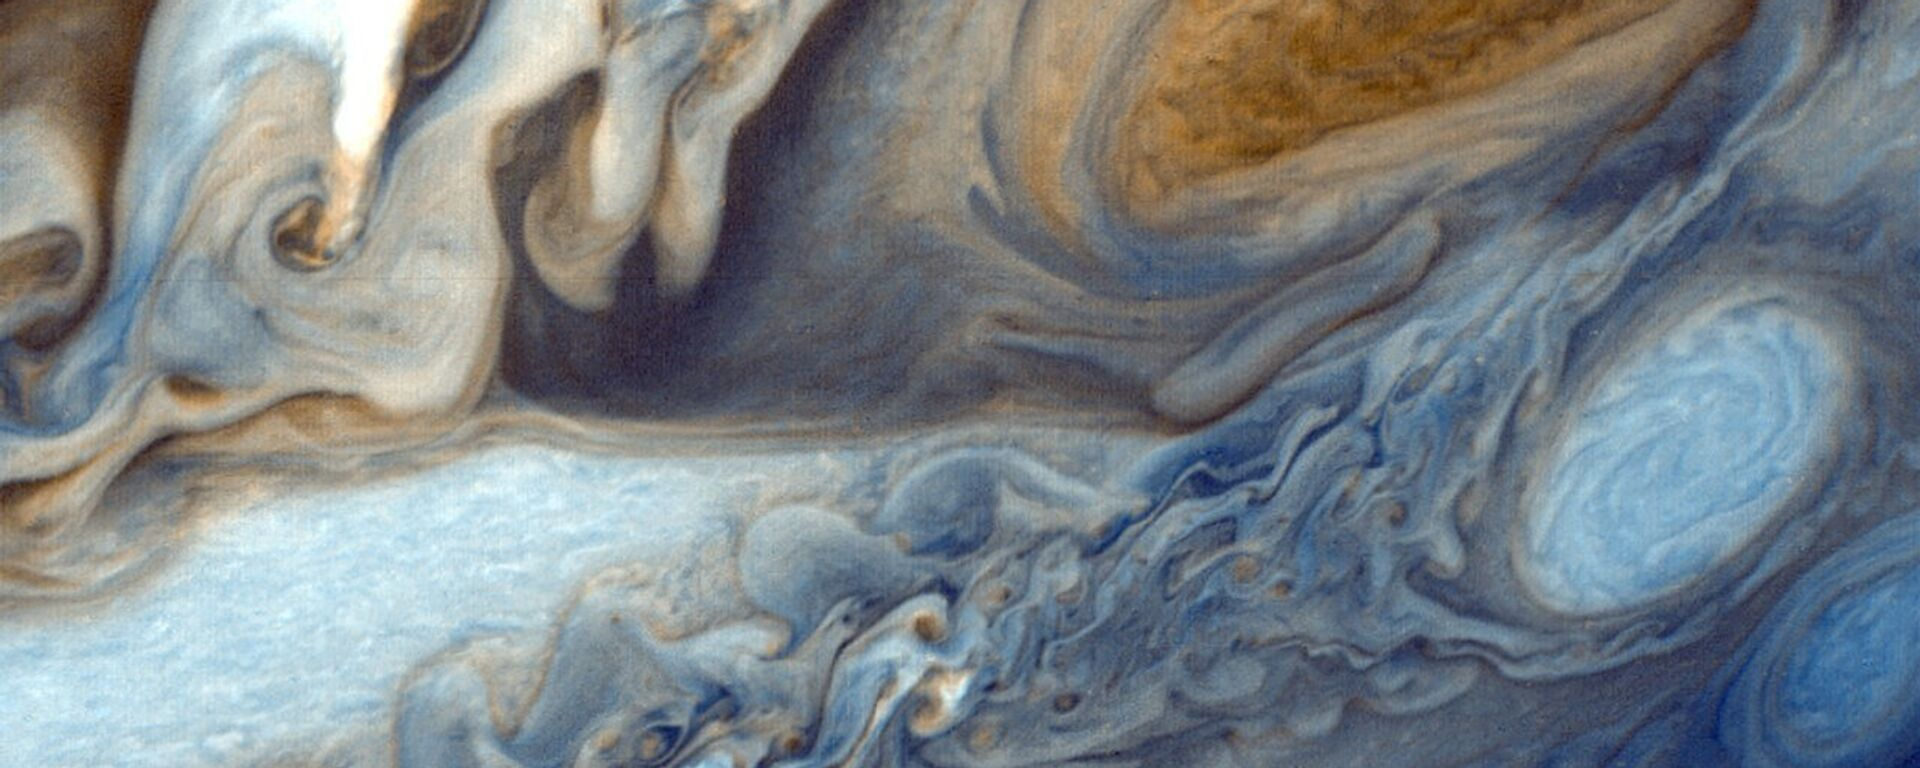 Júpiter, imagen referencial - Sputnik Mundo, 1920, 19.03.2021